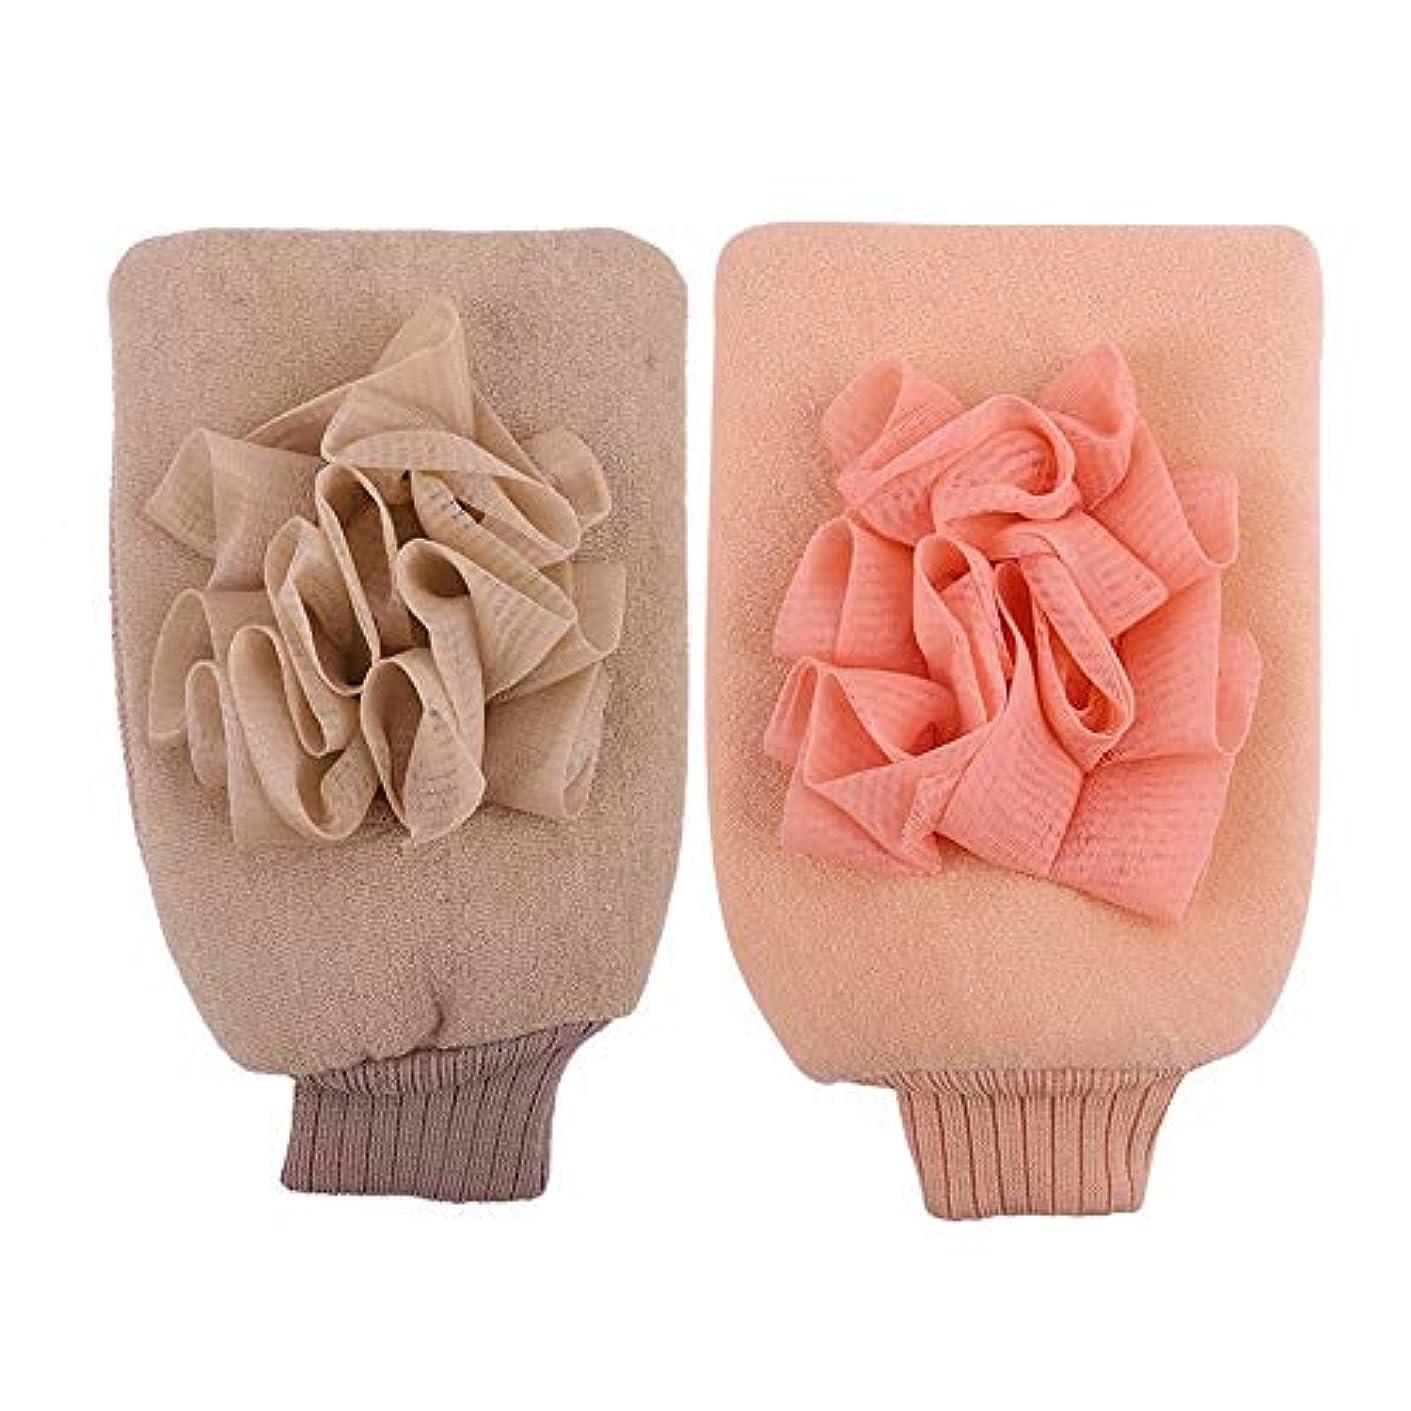 解任マザーランドオールBTXXYJP お風呂用手袋 シャワー手袋 あかすり手袋 ボディブラシ やわらか ボディタオル バス用品 男女兼用 角質除去 (Color : Pink+beige)